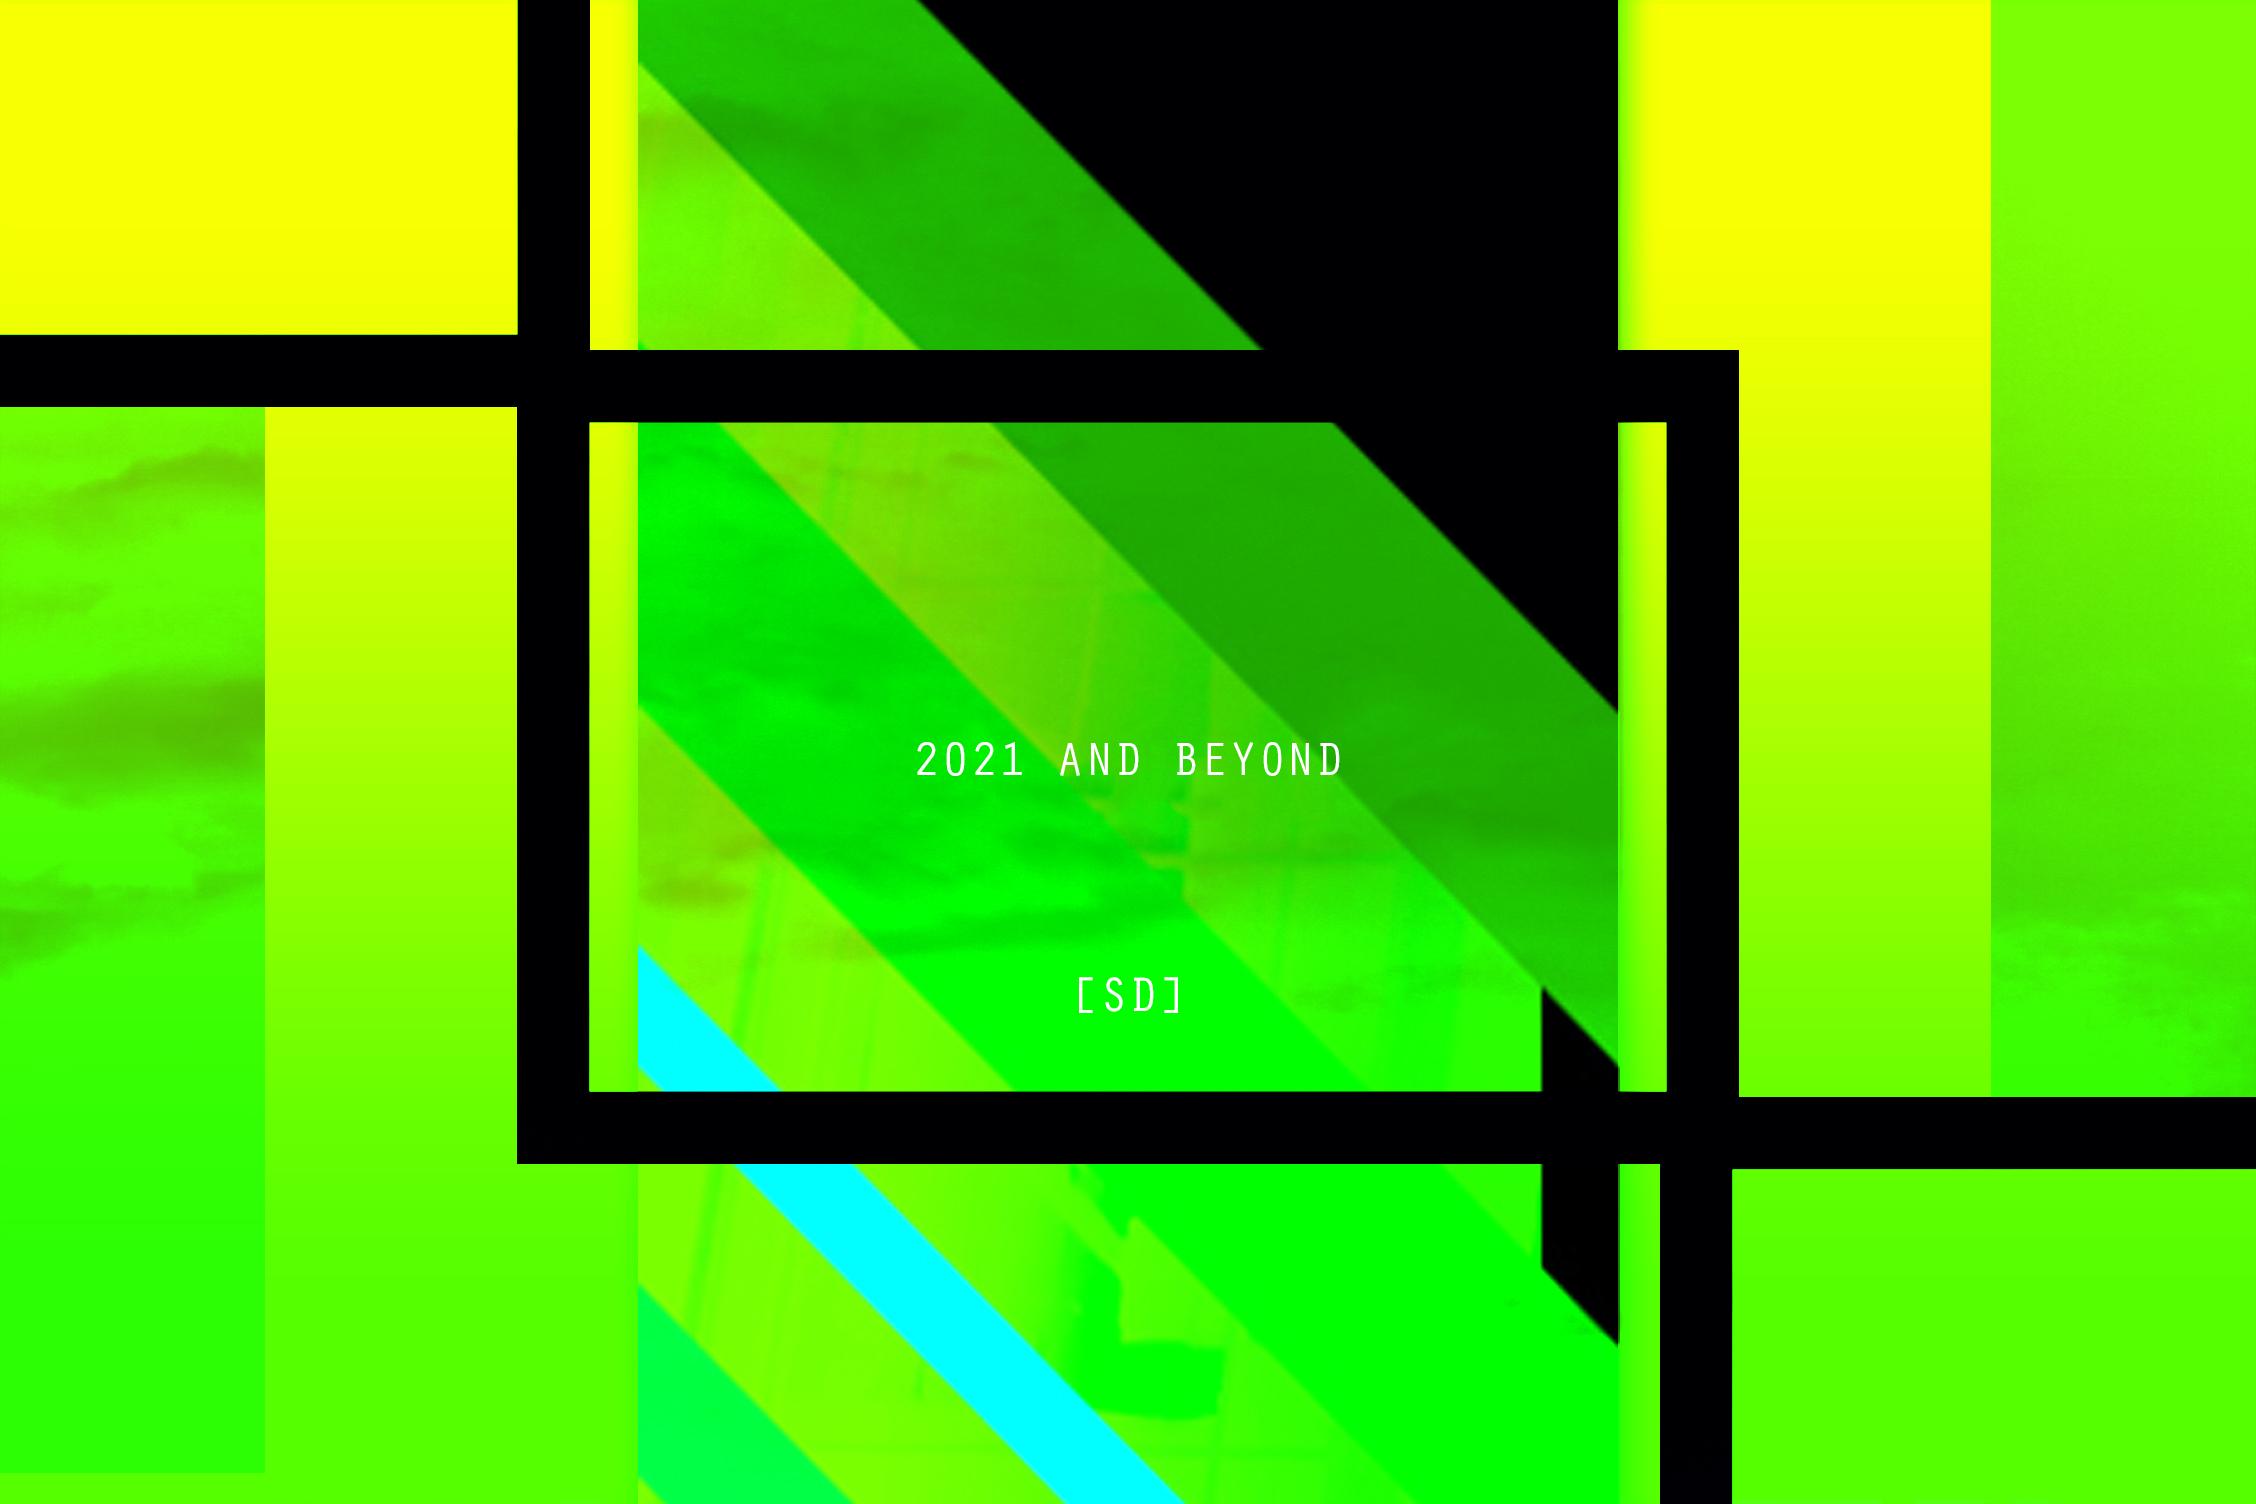 2021 AND BEYOND